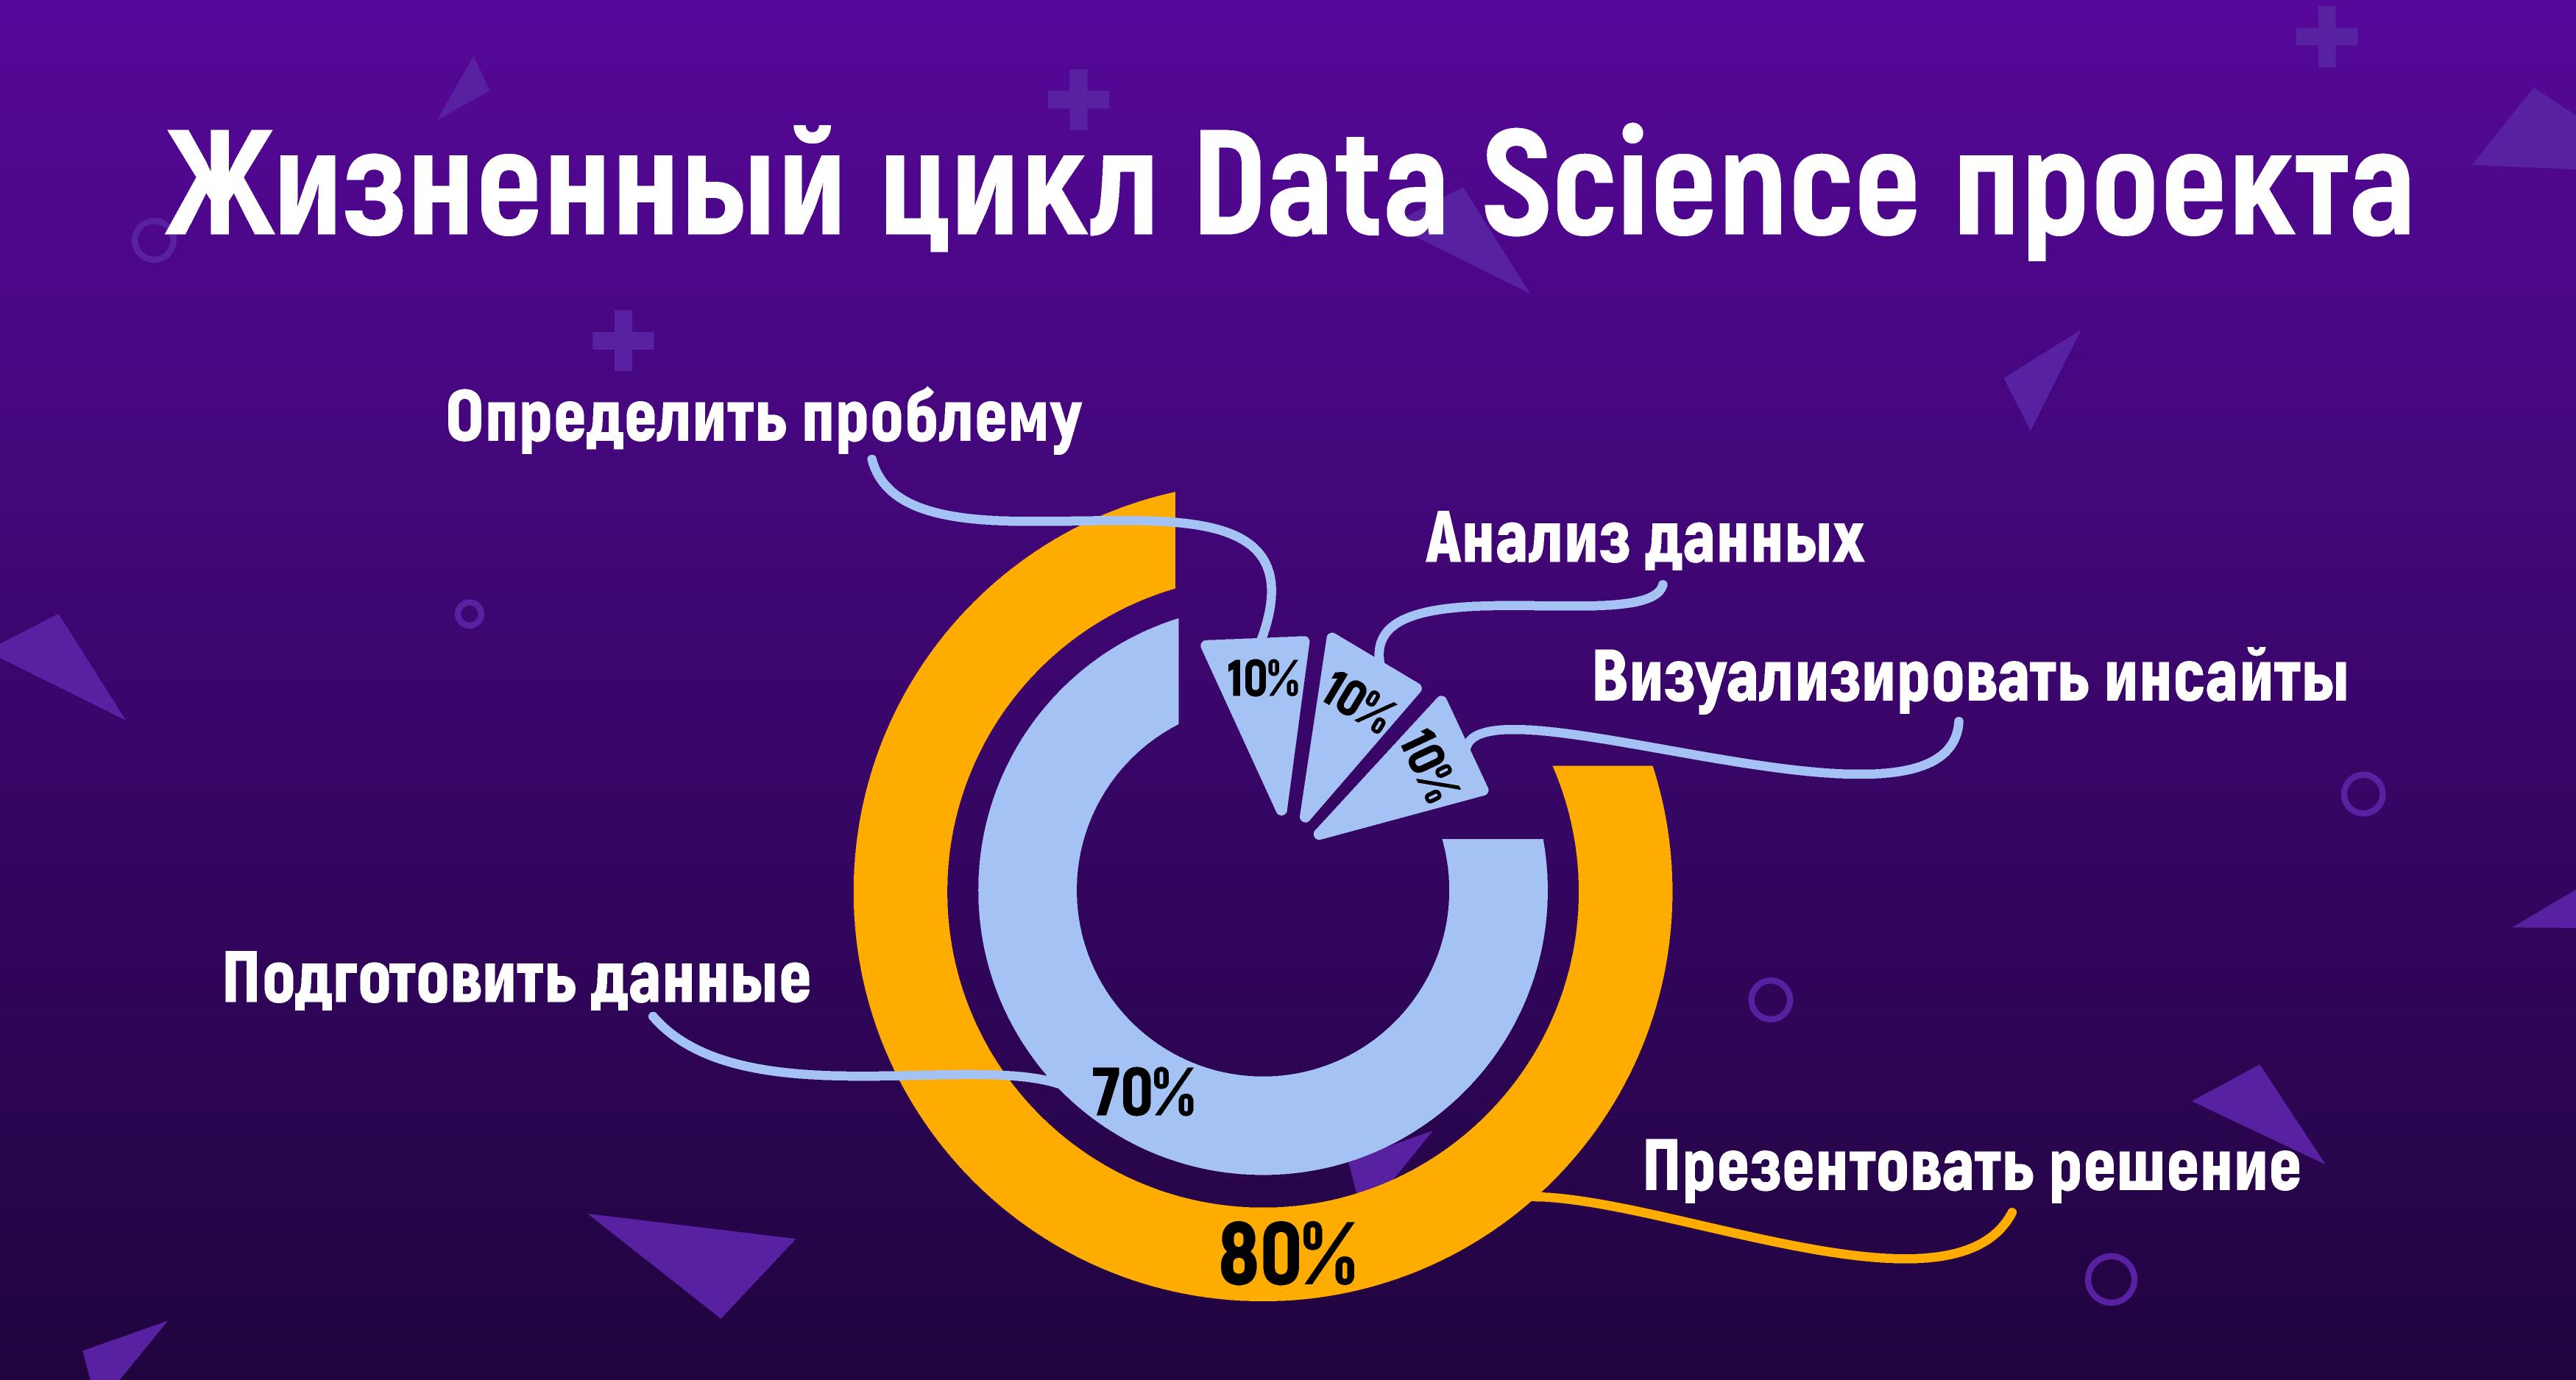 Зачем менеджеру Data Science 8